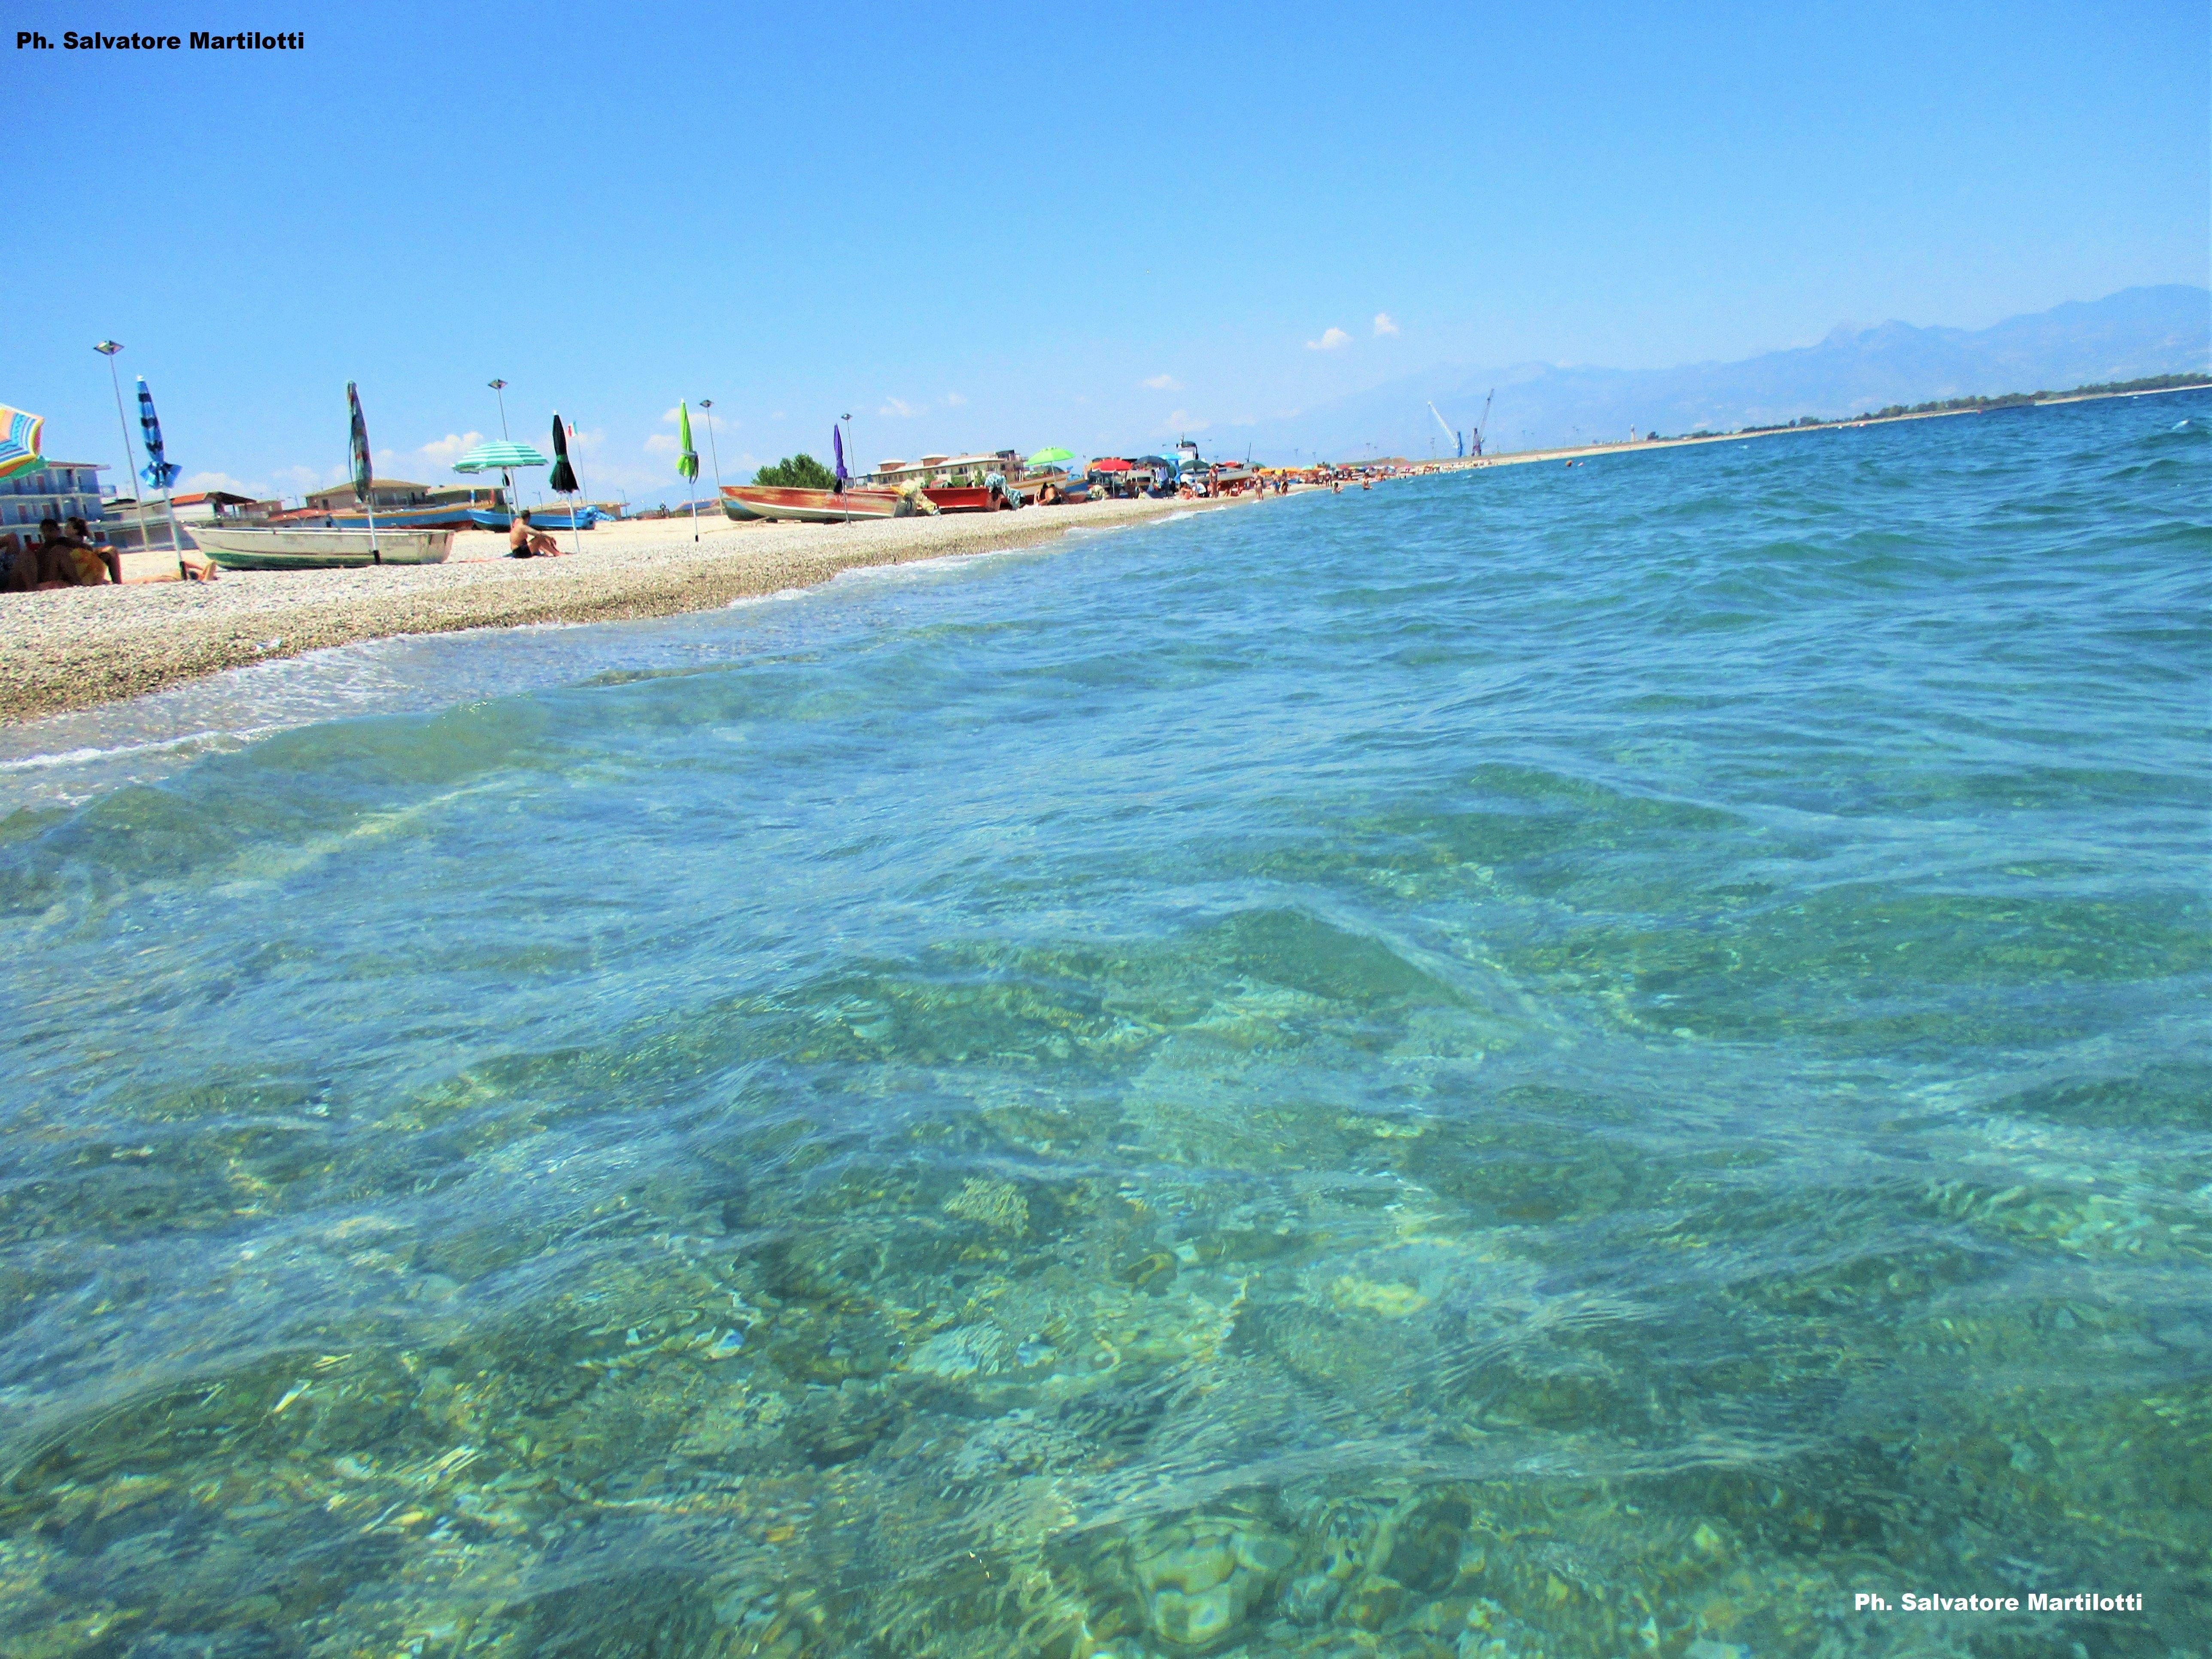 Calabria ionica/Schiavonea, Il mare e la spiaggia del borgo marinaro sono un vero incanto! Ph. Salvatore Martilotti